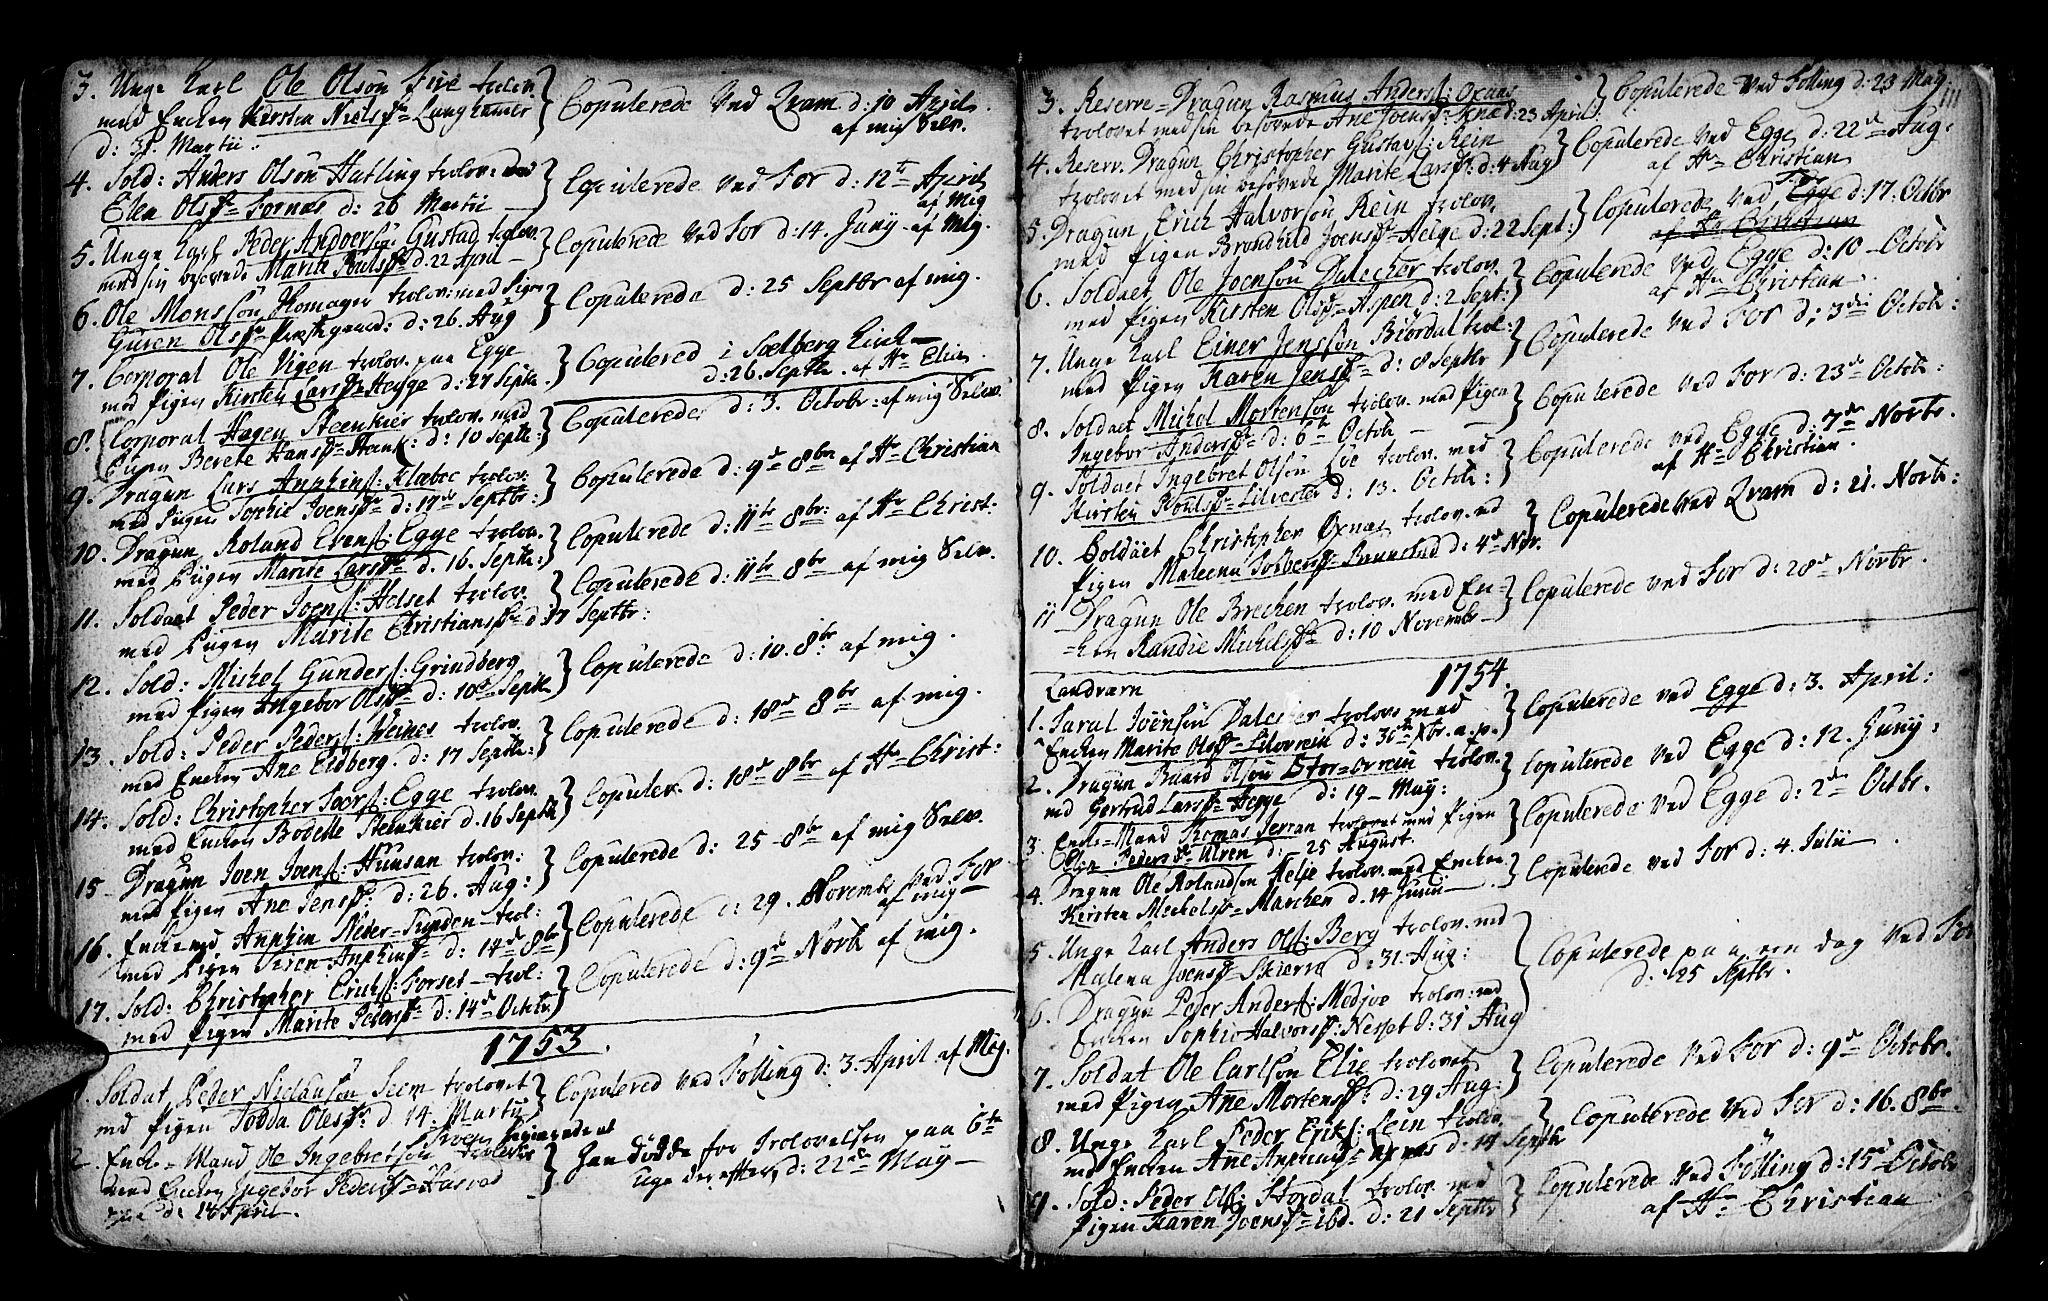 SAT, Ministerialprotokoller, klokkerbøker og fødselsregistre - Nord-Trøndelag, 746/L0439: Ministerialbok nr. 746A01, 1688-1759, s. 111